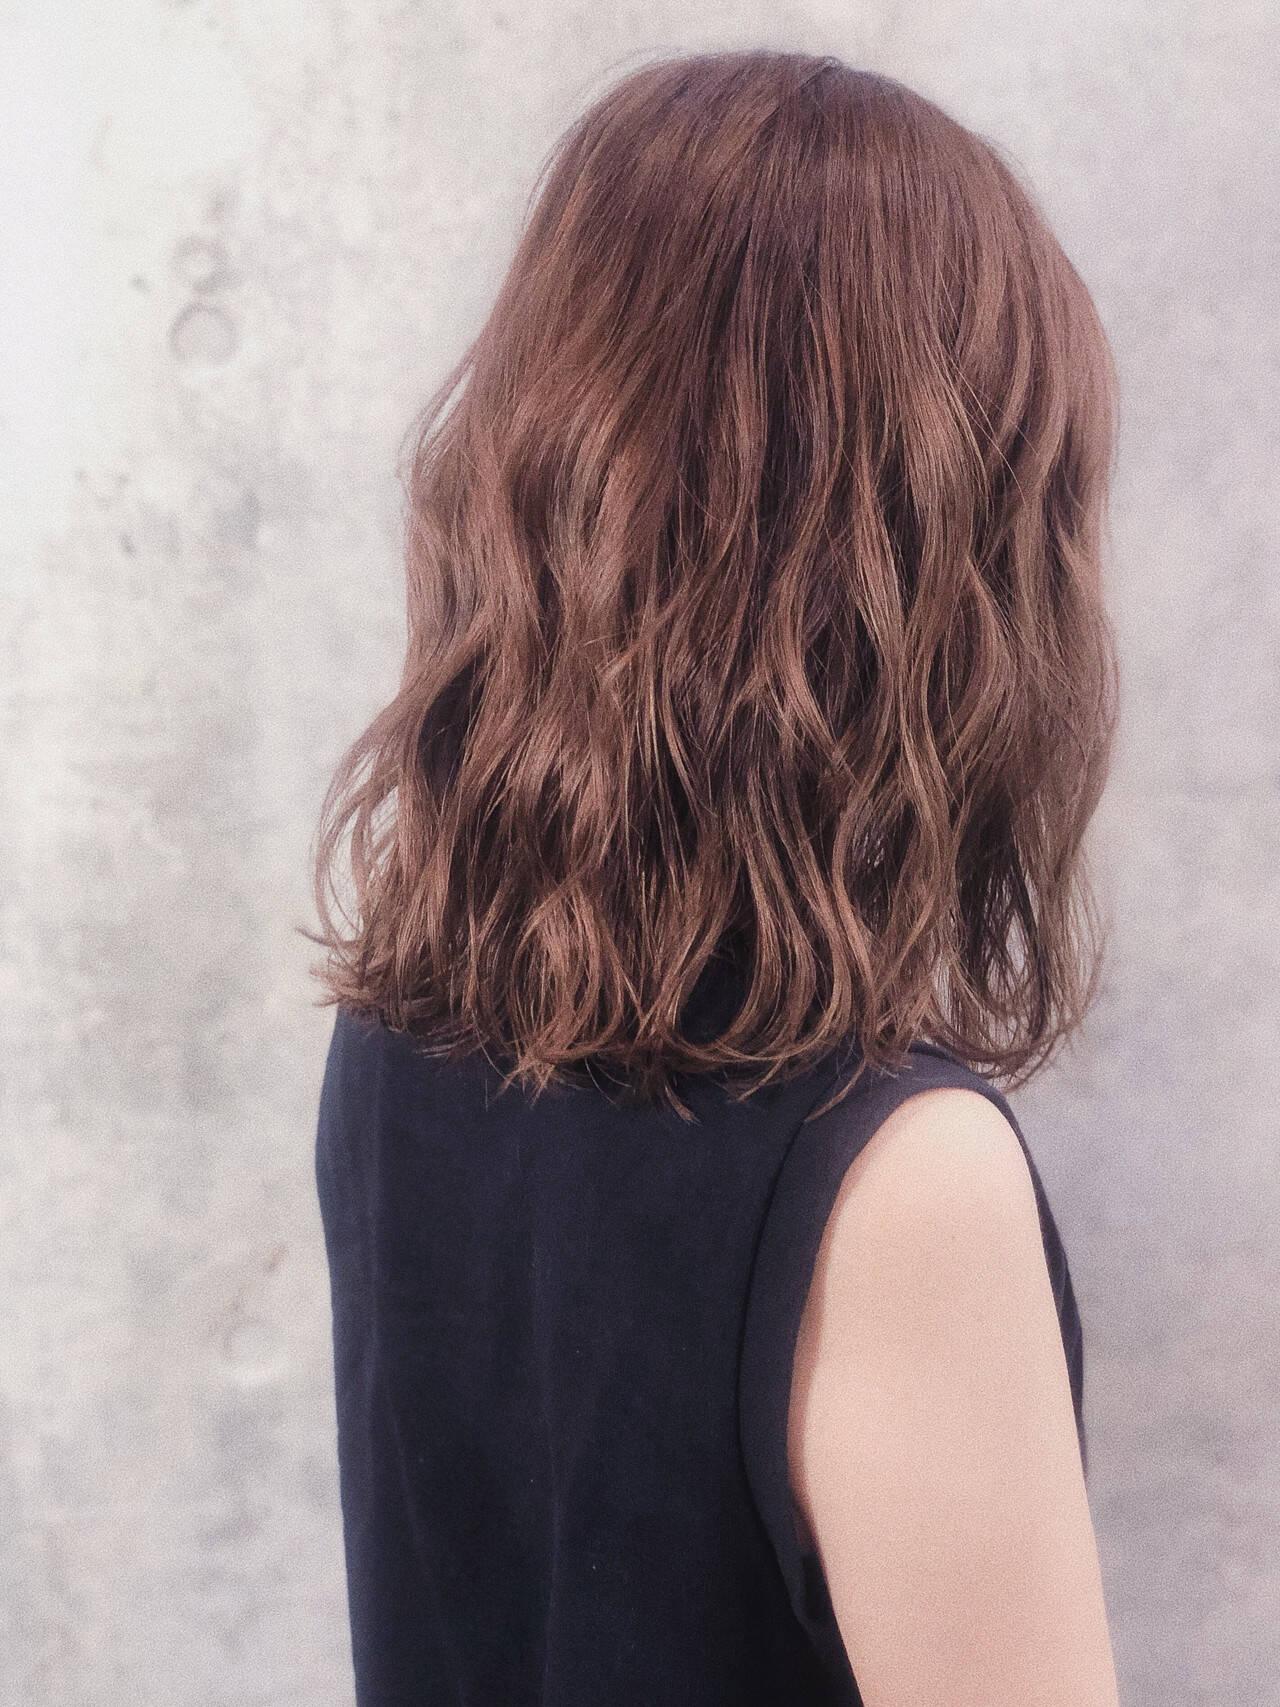 大人ハイライト ミディアム アンニュイほつれヘア ベージュヘアスタイルや髪型の写真・画像